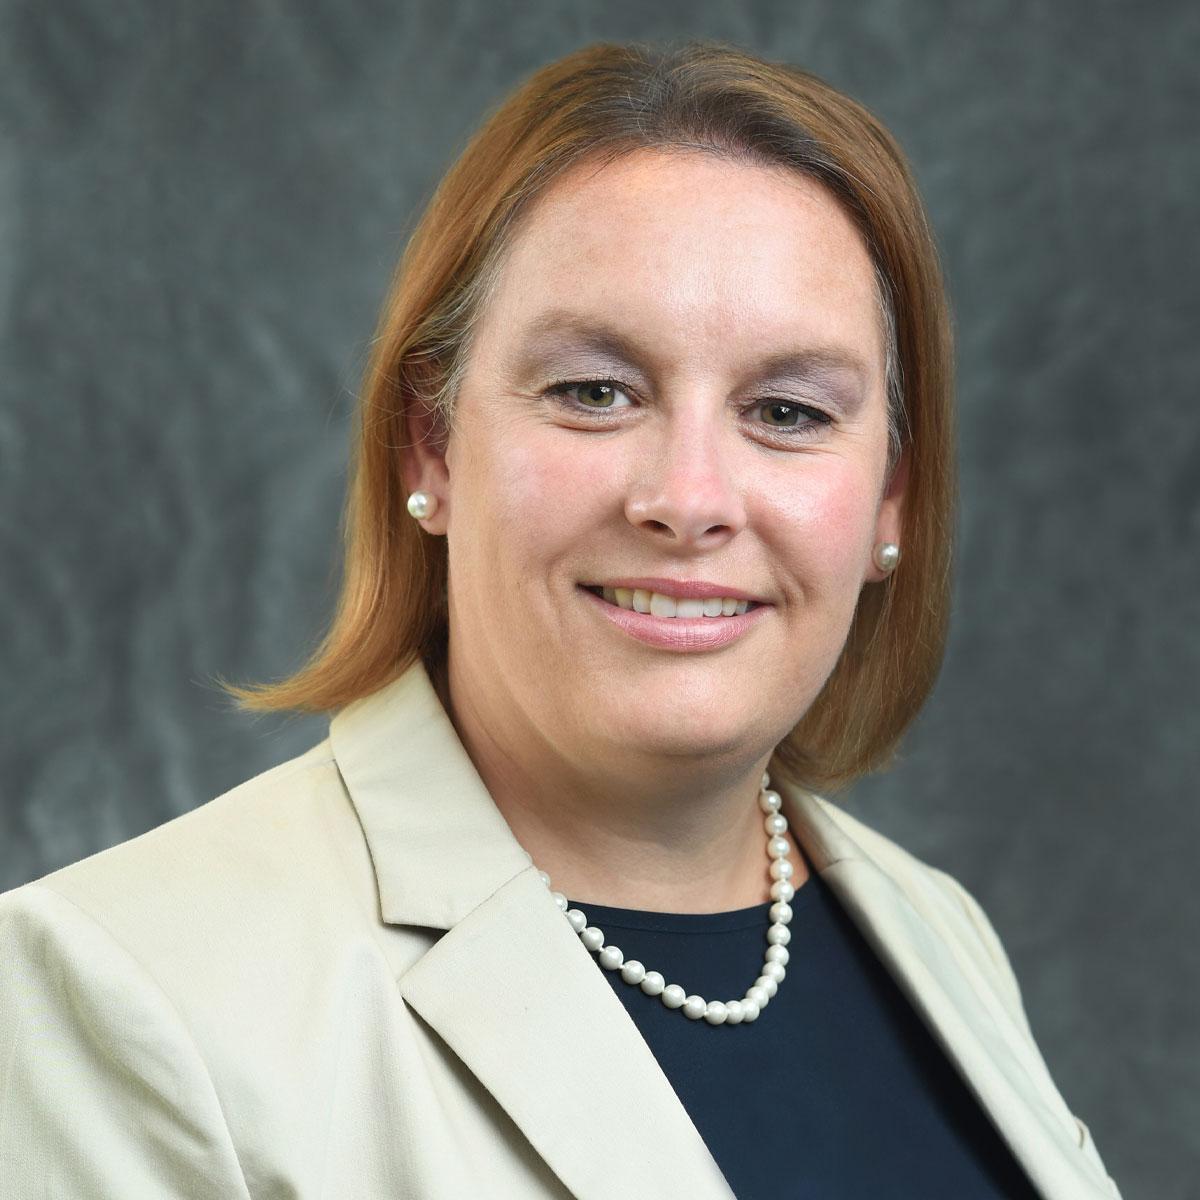 Sarah Utkin